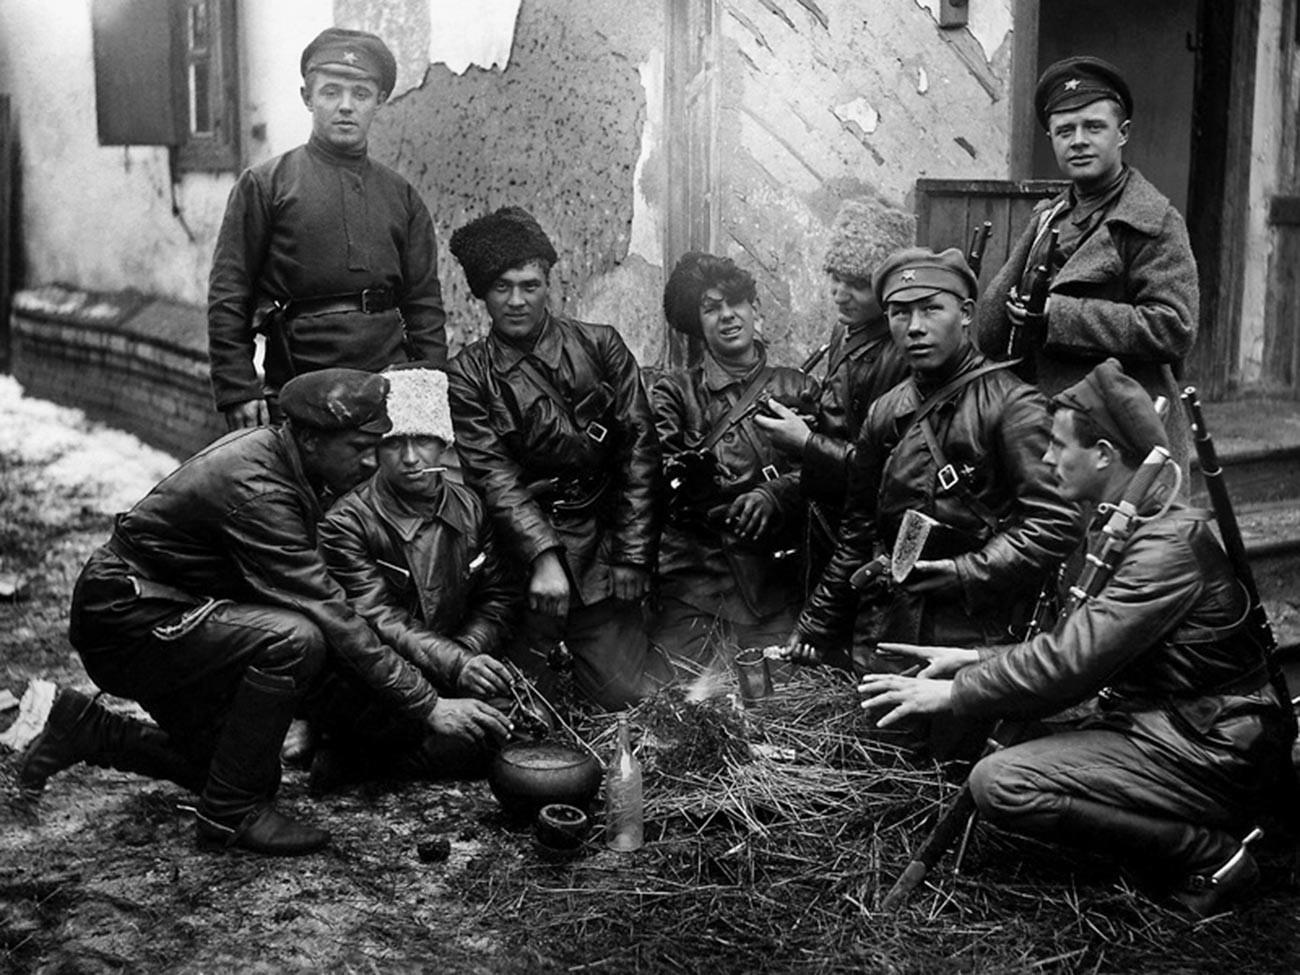 Soldados do Exército Vermelho